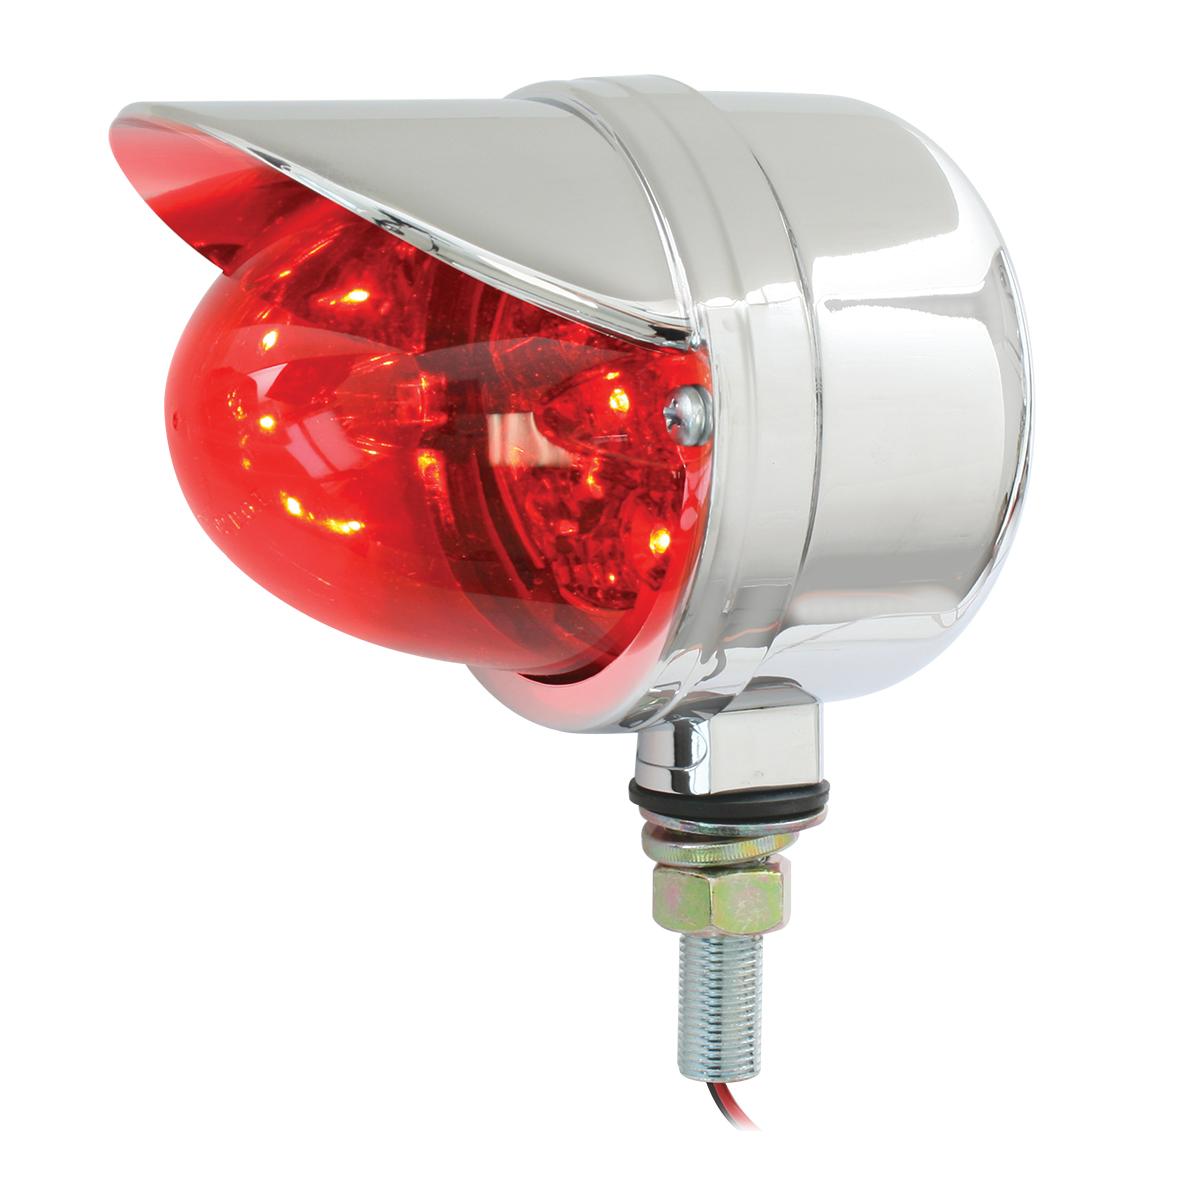 77923 Single Face Spyder LED Pedestal Light in Red/Red